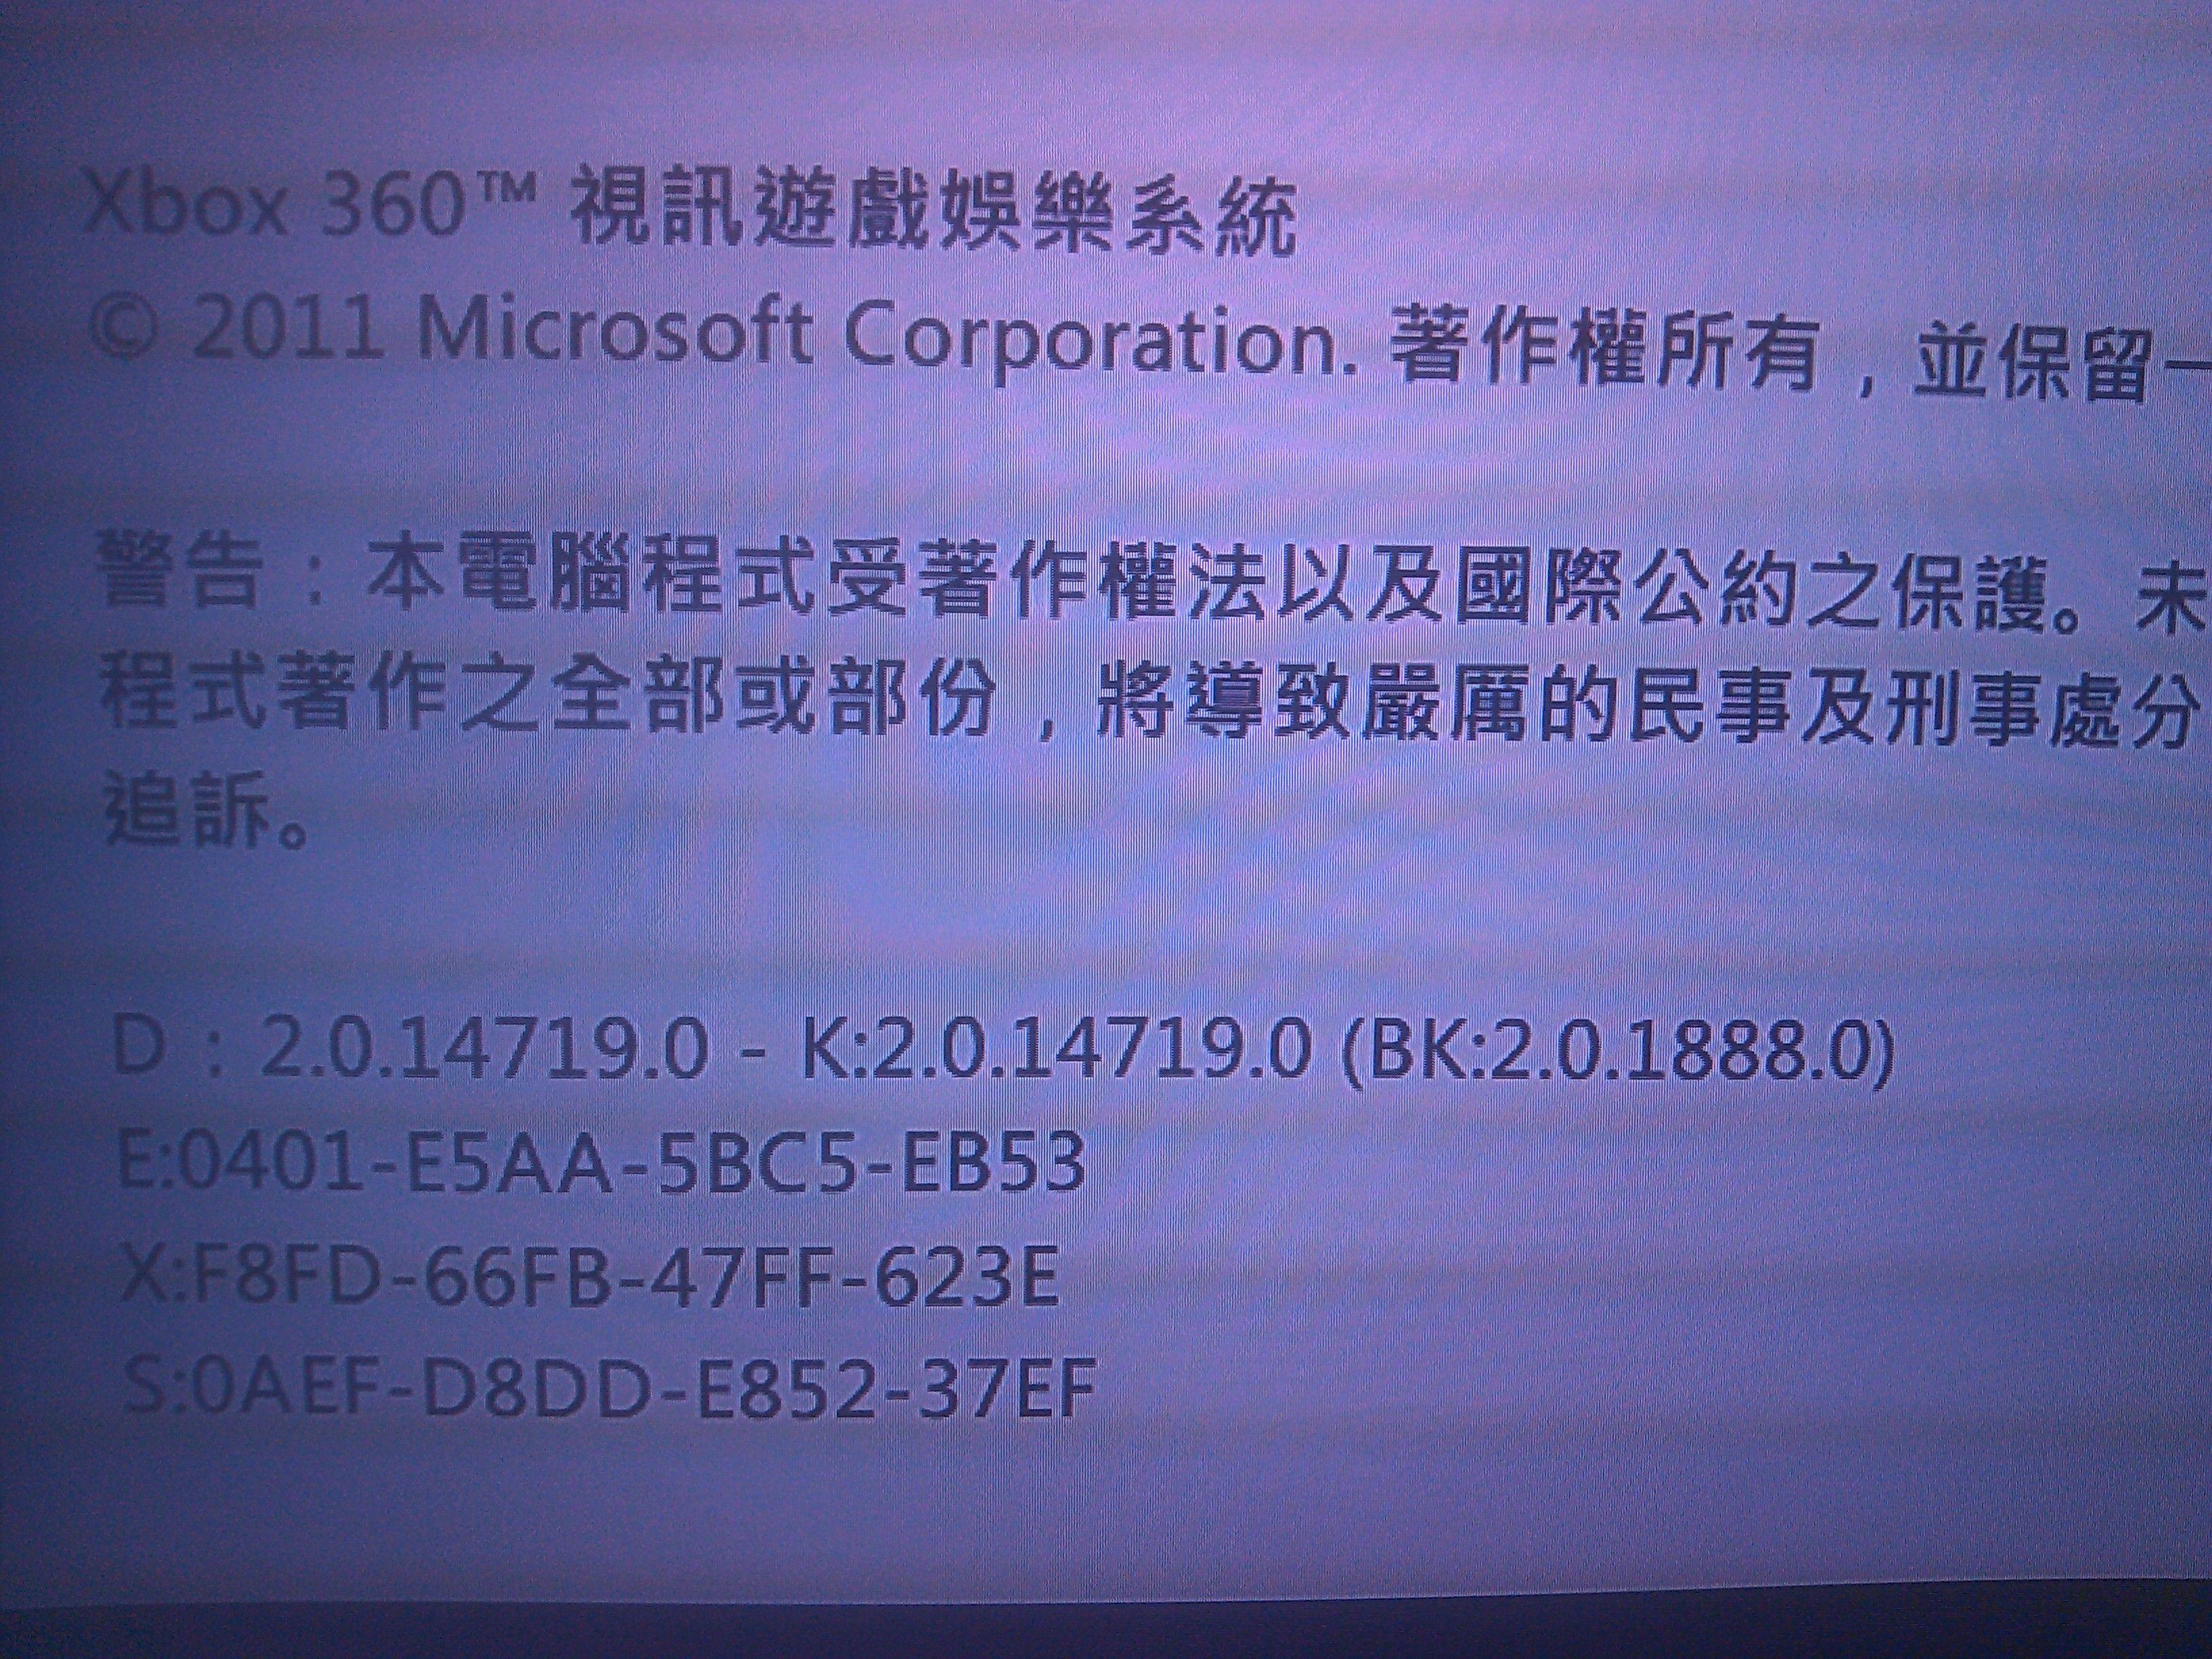 菲律宾圣安娜开户_菲律宾圣安娜开户【官方网站】lamp兄弟连首先登陆 ,点击右上角的设置按钮。 在弹出的设置菜单中选择基本设置-勾选大字体即可 返回QQ游戏中会发现菜单变的更大,更加清晰。 资源统计:无插件软件: 101882 个 .让默认的字体变大小编特此专门下载了QQ游戏大厅,写了这篇教程来告诉不知道如何让字体变大的朋友 QQ游戏字体怎么变大 。 首先登陆QQ游戏大厅,点击右上角的设置按.